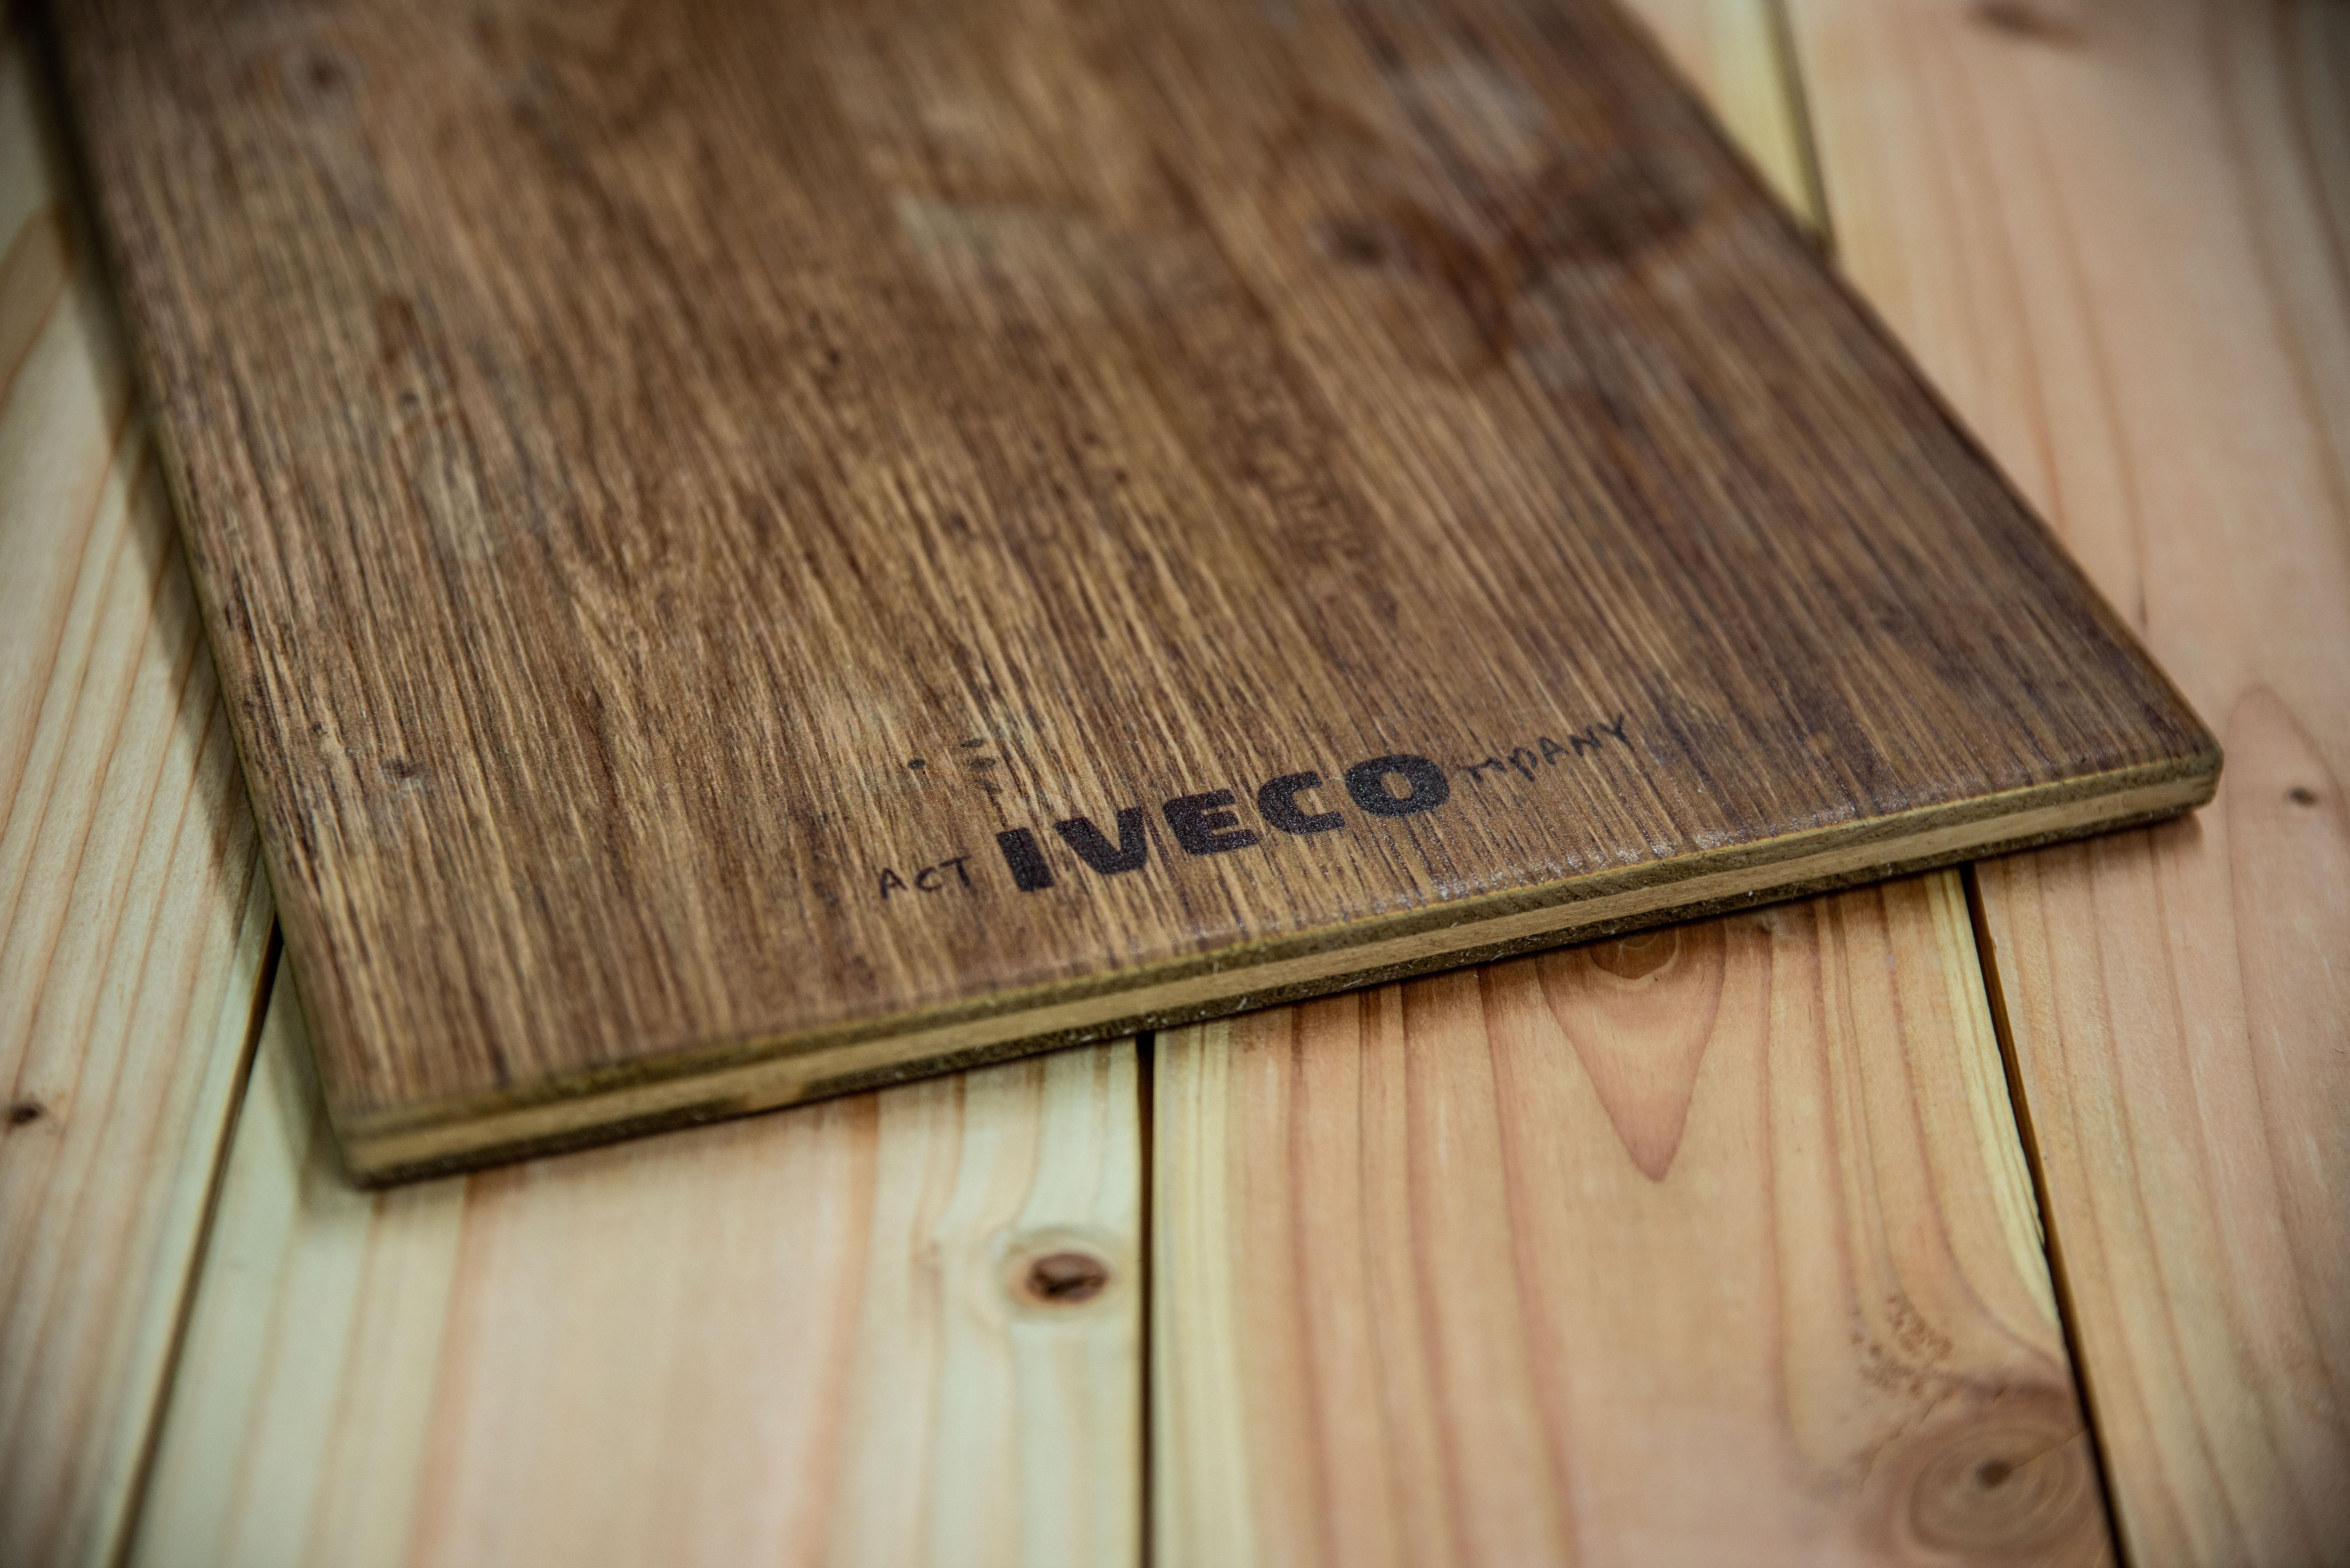 Holzklemmbrett mit Logodruck